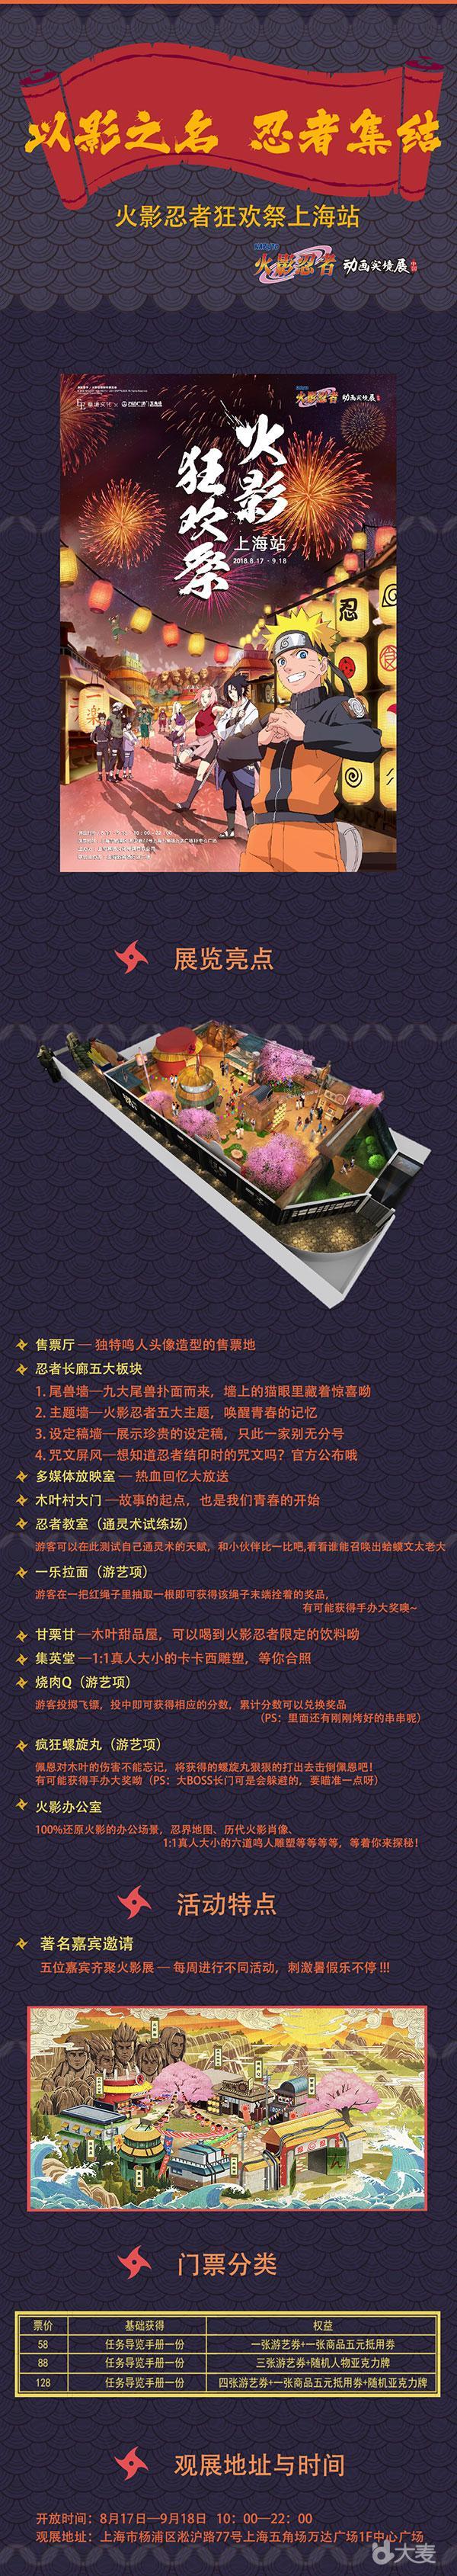 火影忍者狂欢祭上海站